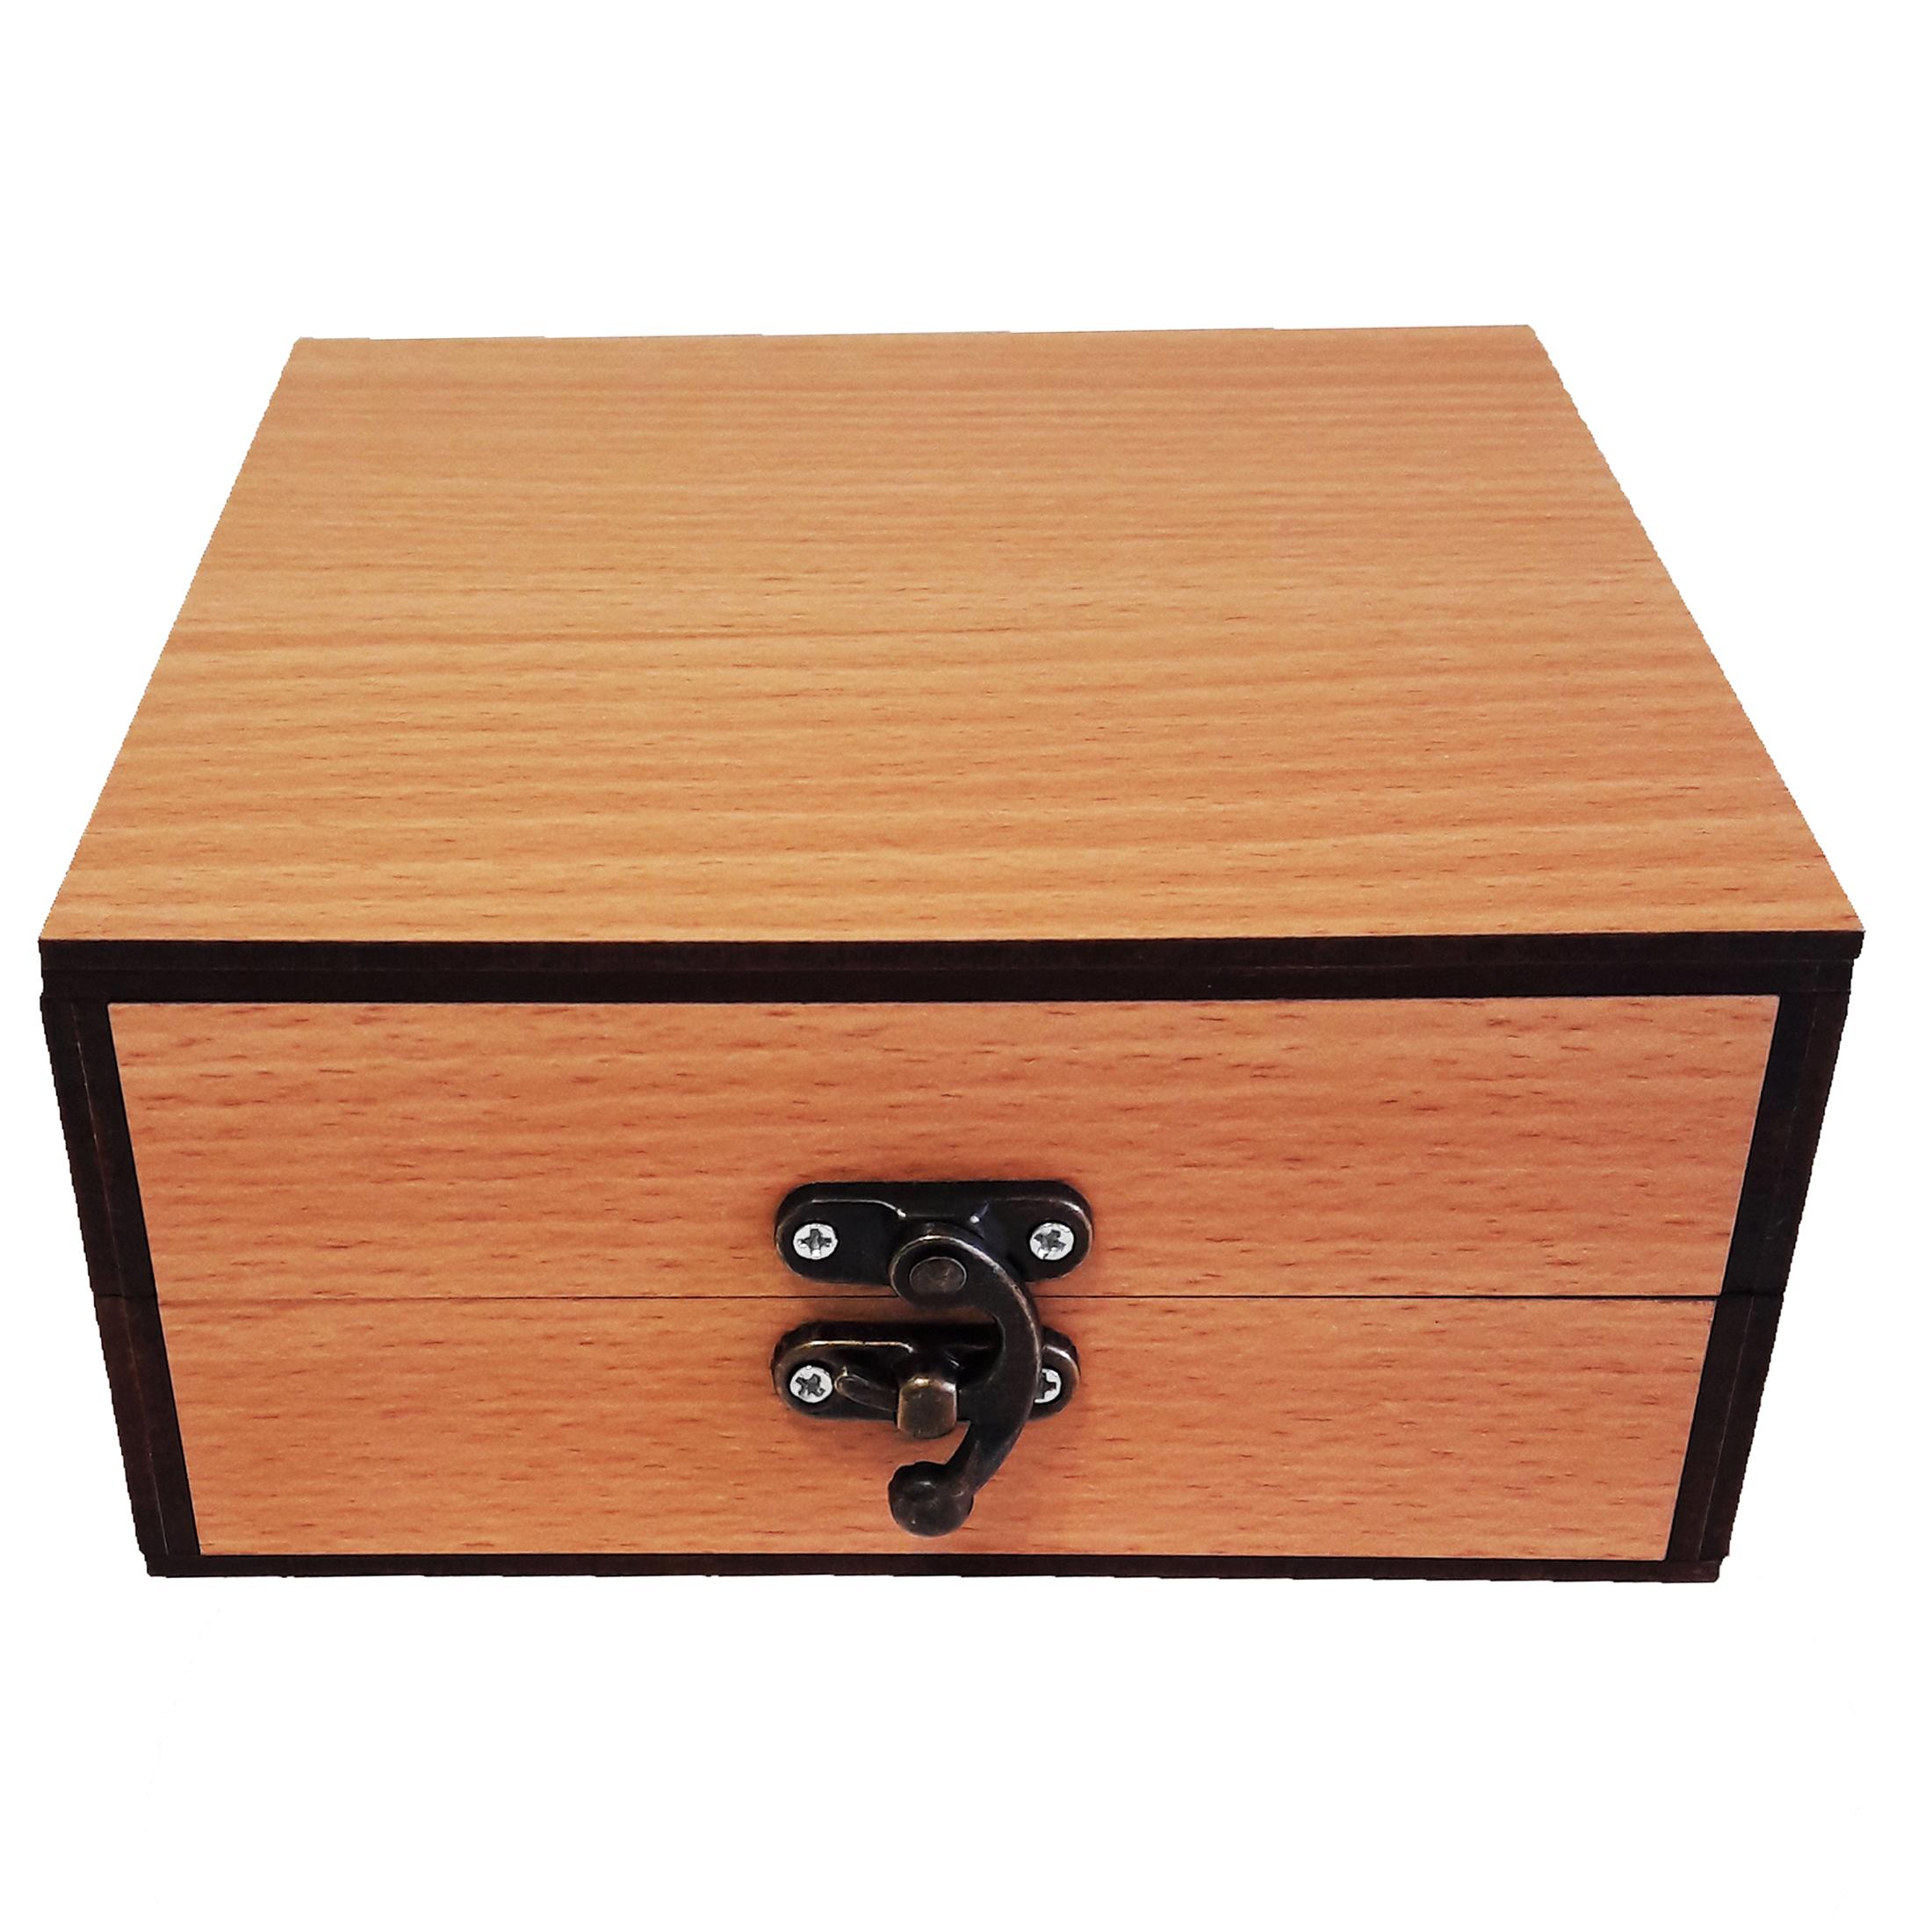 جعبه هدیه چوبی کادو آیهان باکس مدل 79